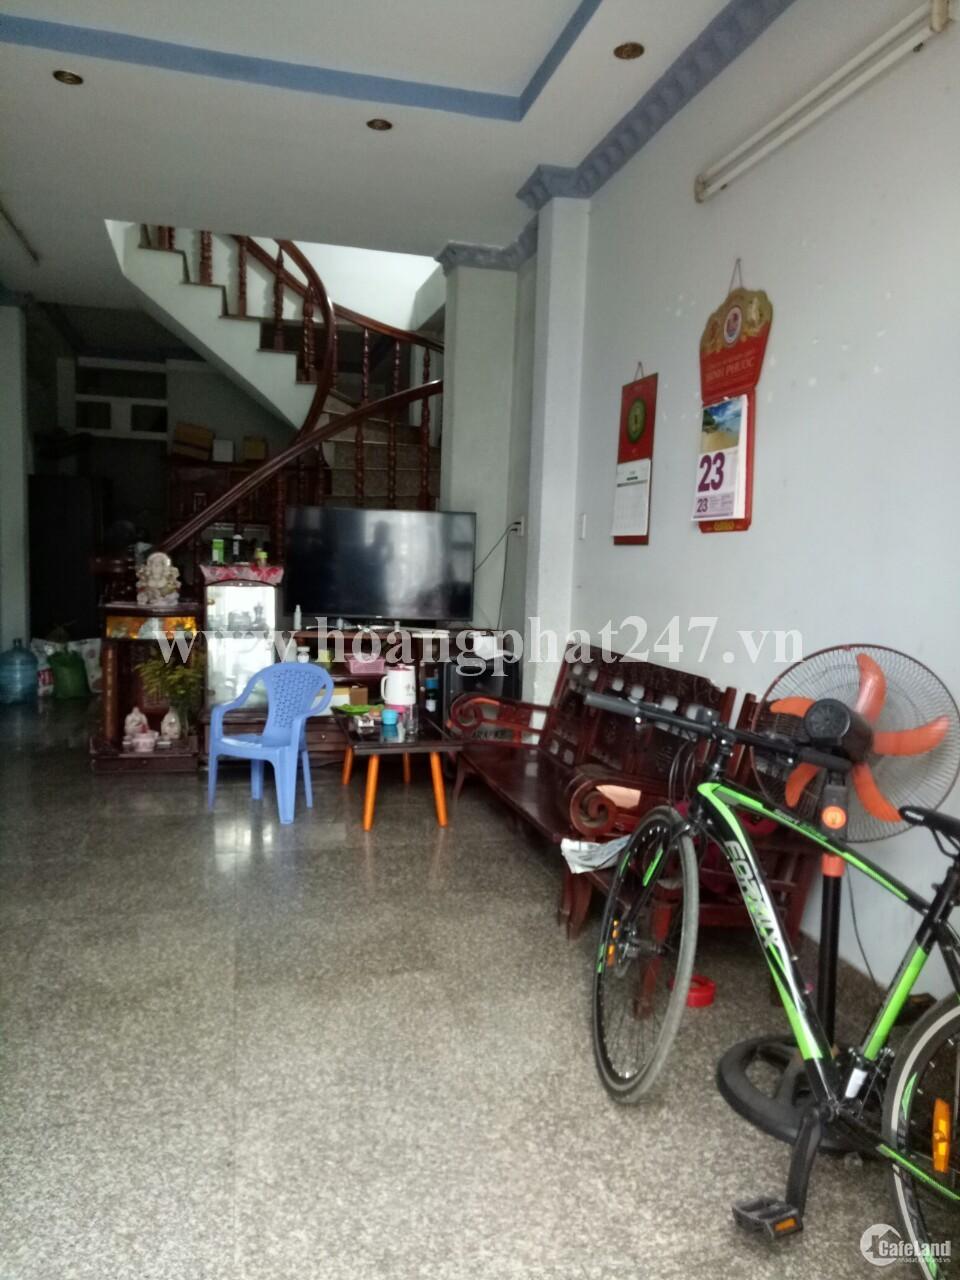 Bán nhà HXH đường Quang Trung, P.11, Q. Gò Vấp